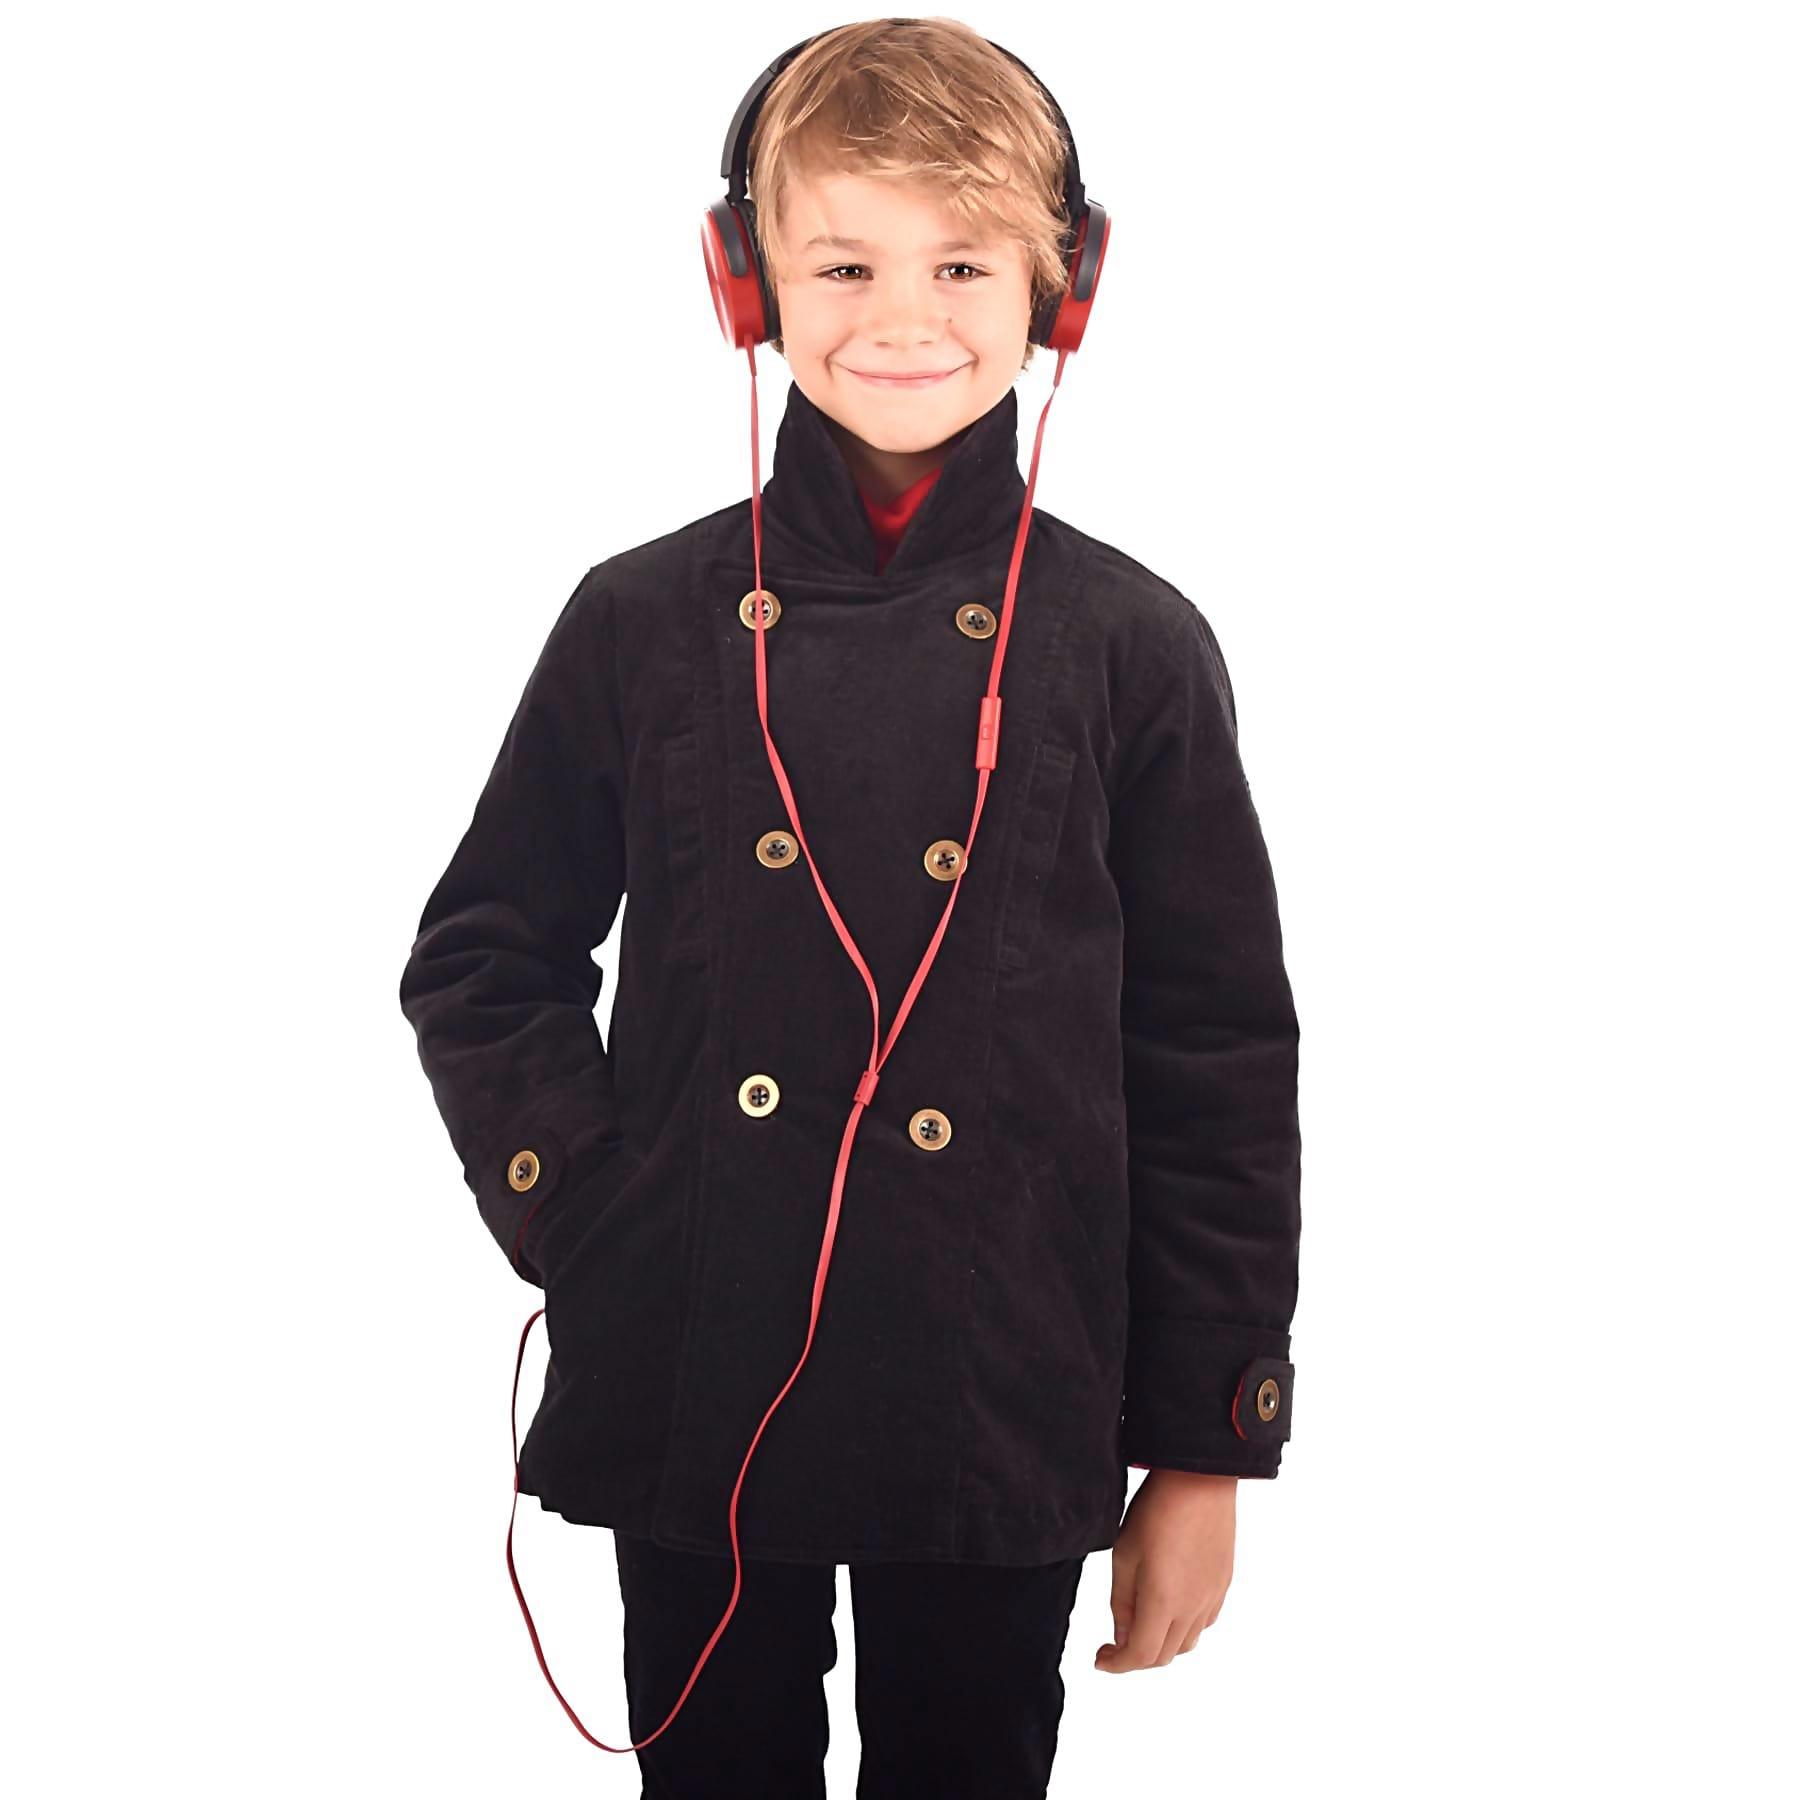 Manteau caban unisexe en velours noir, avec poches, martingale dans le dos et doublure en coton tartan rouge pour filles et garçons de 2 à 12 ans. La Faute à Voltaire, marque créateur française pour enfants en commerce équitable.